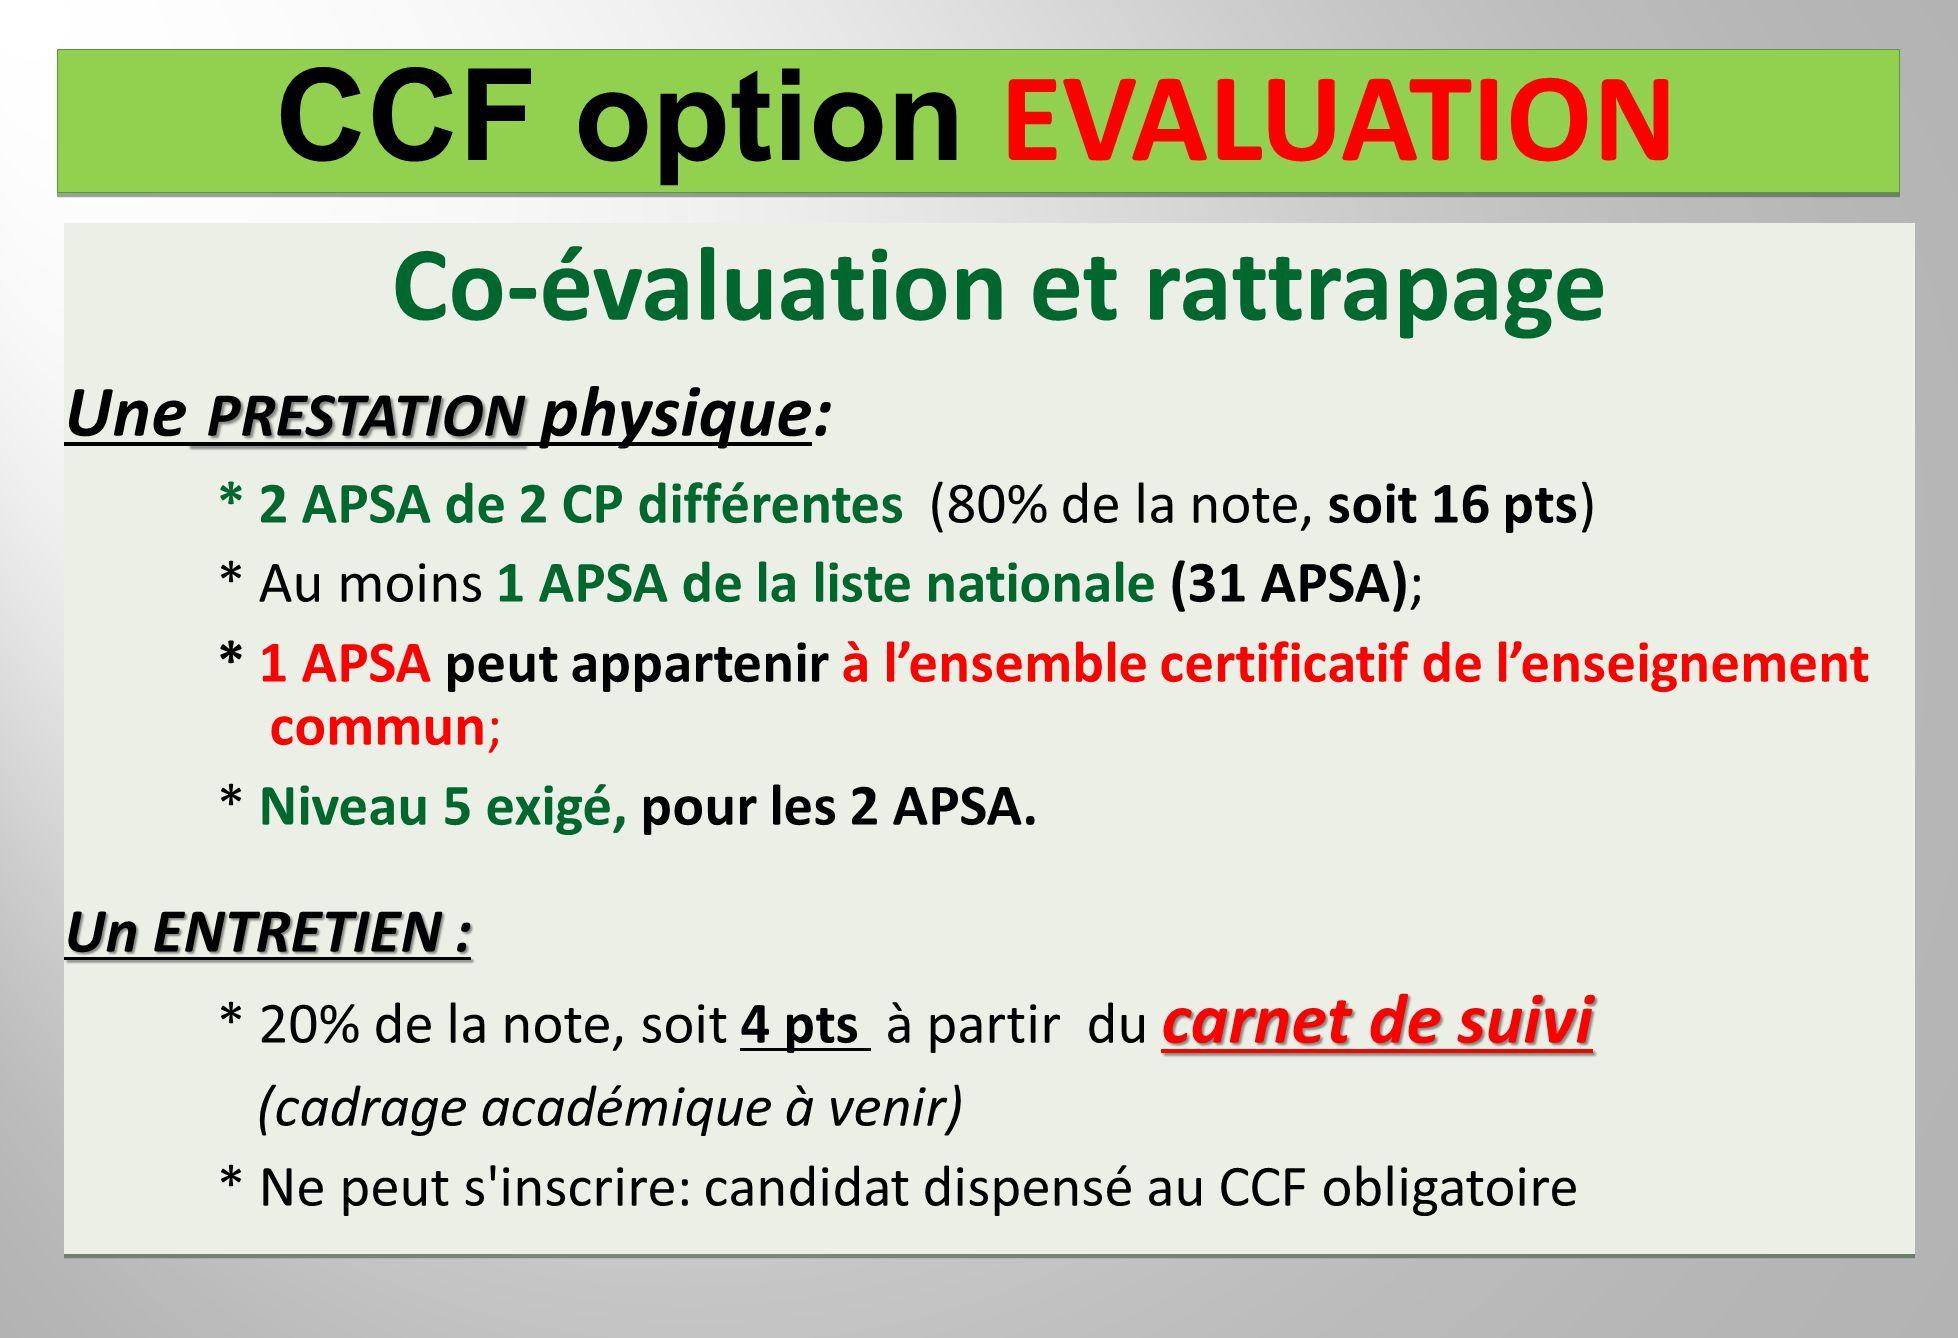 CCF option EVALUATION Co-évaluation et rattrapage PRESTATION Une PRESTATION physique: * 2 APSA de 2 CP différentes (80% de la note, soit 16 pts) * Au